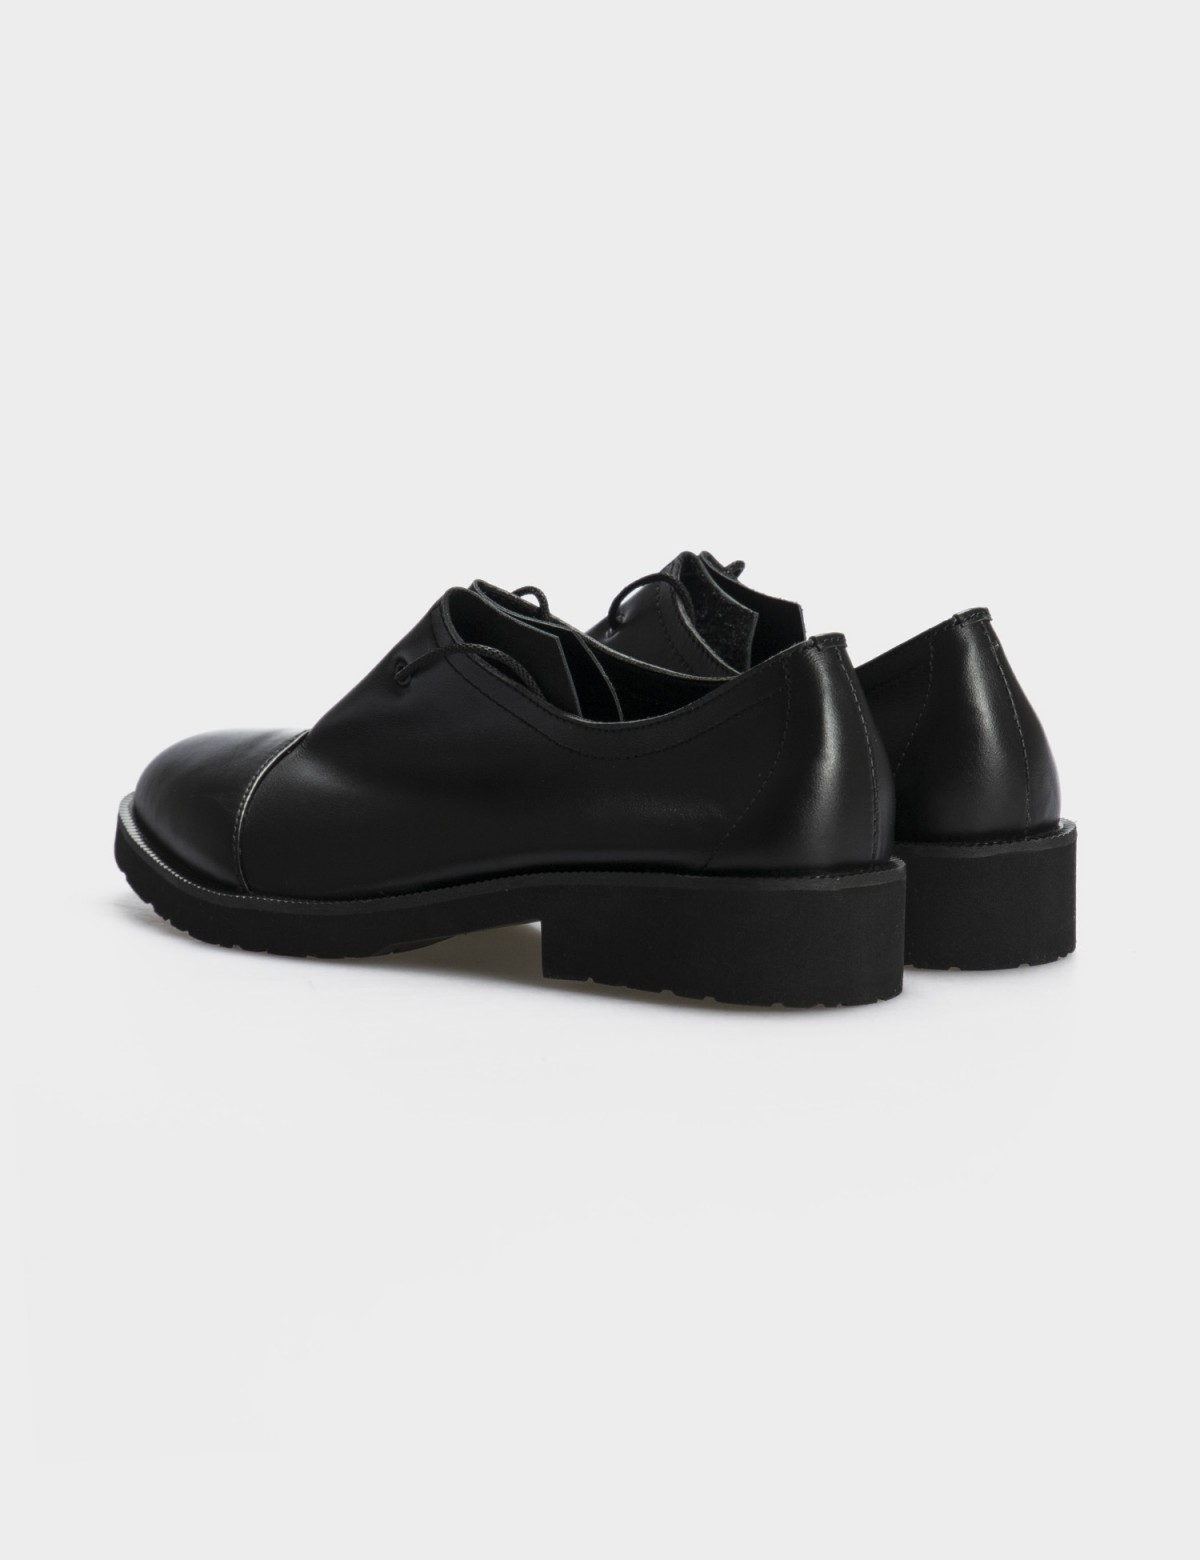 Туфлі чорні, натуральна шкіра2